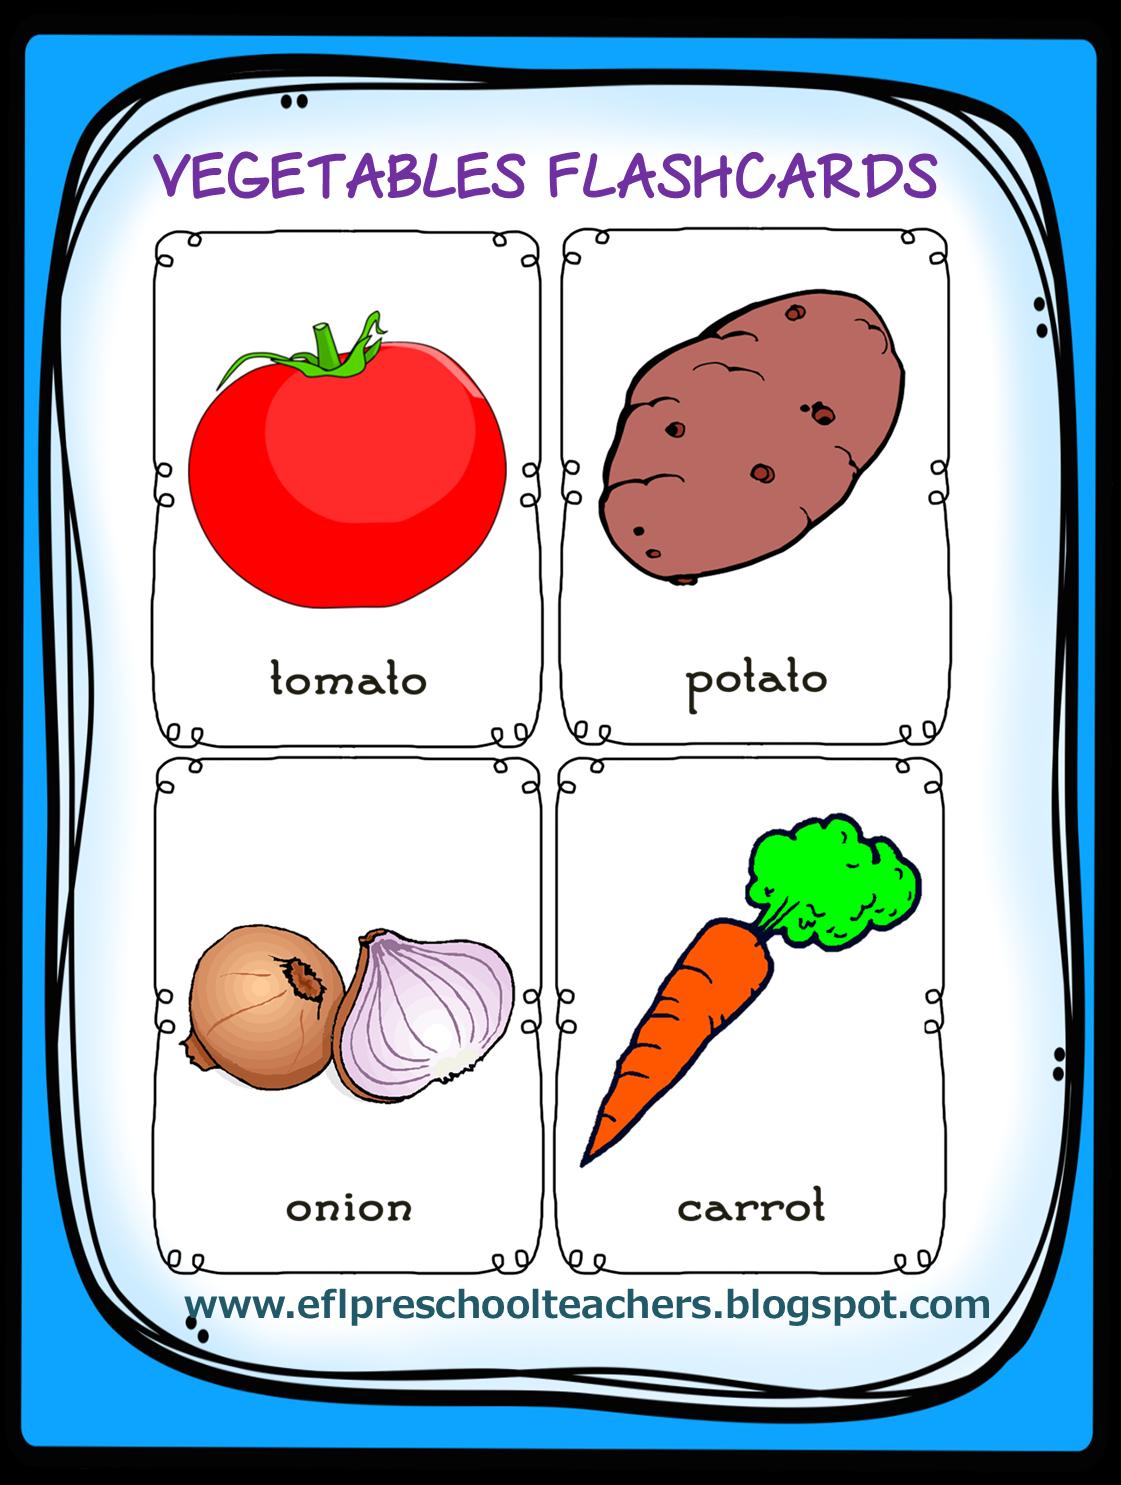 Esl Efl Preschool Teachers Vegetables Activities